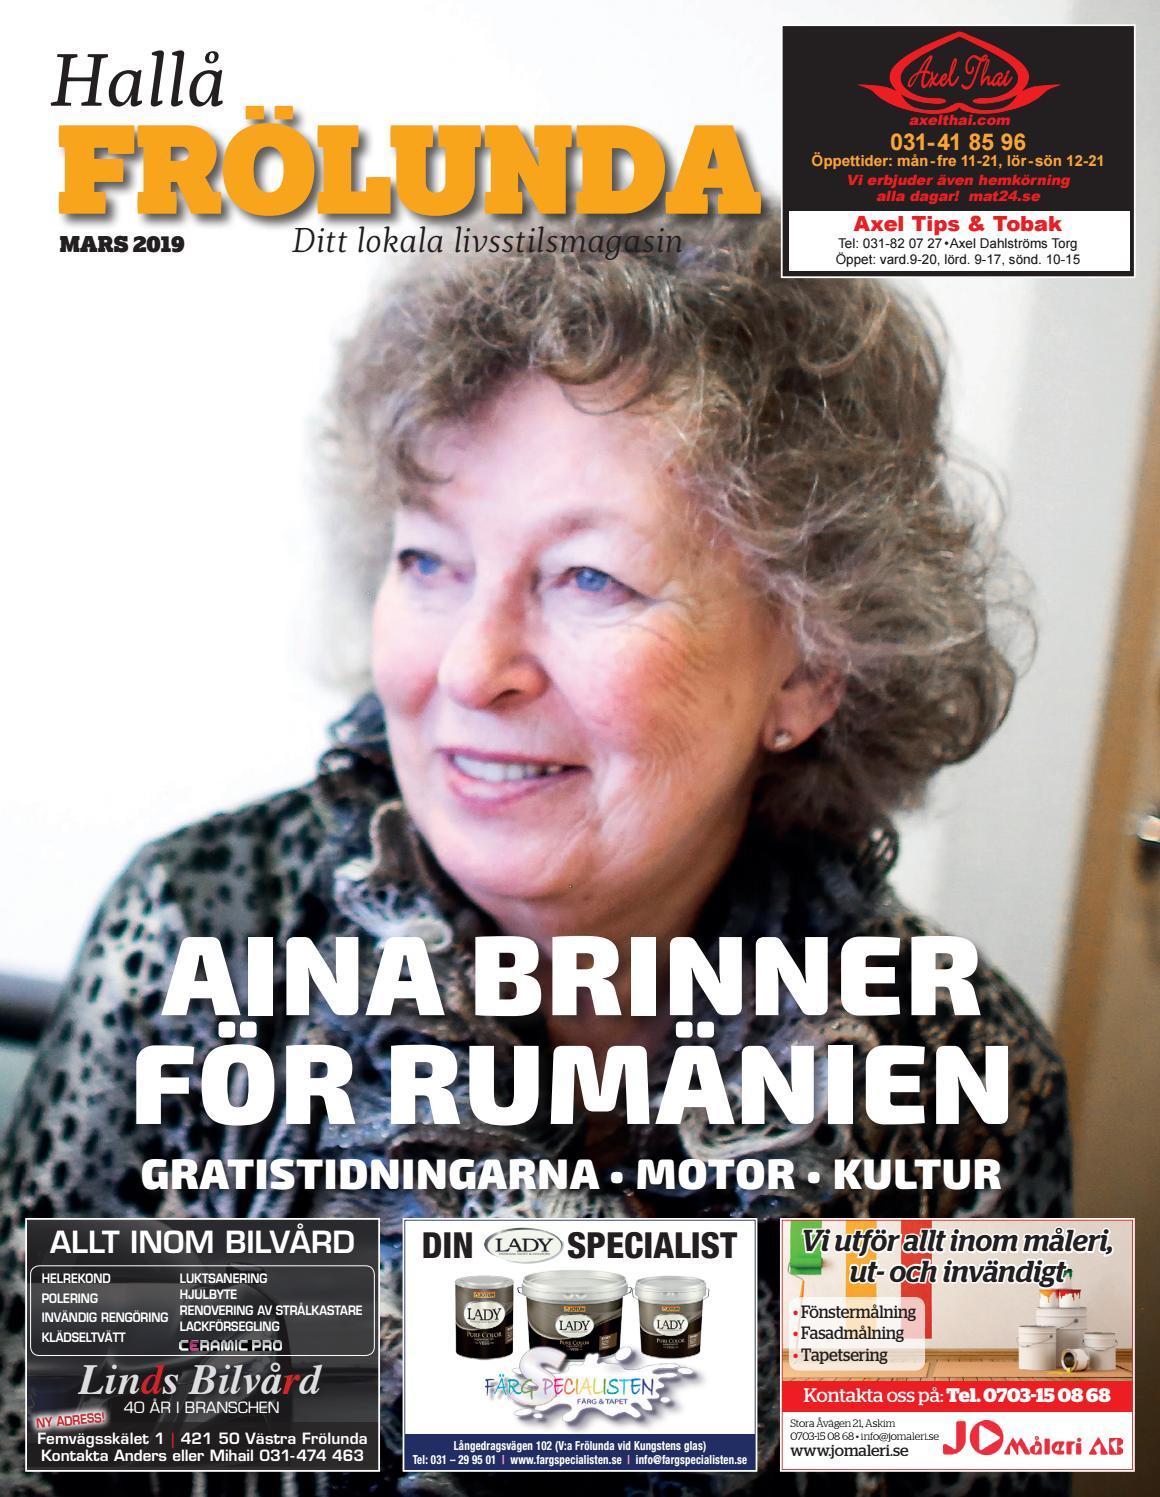 aa63a666fa1f Hallå Frölunda mars 2019 by MediaKonsult - issuu